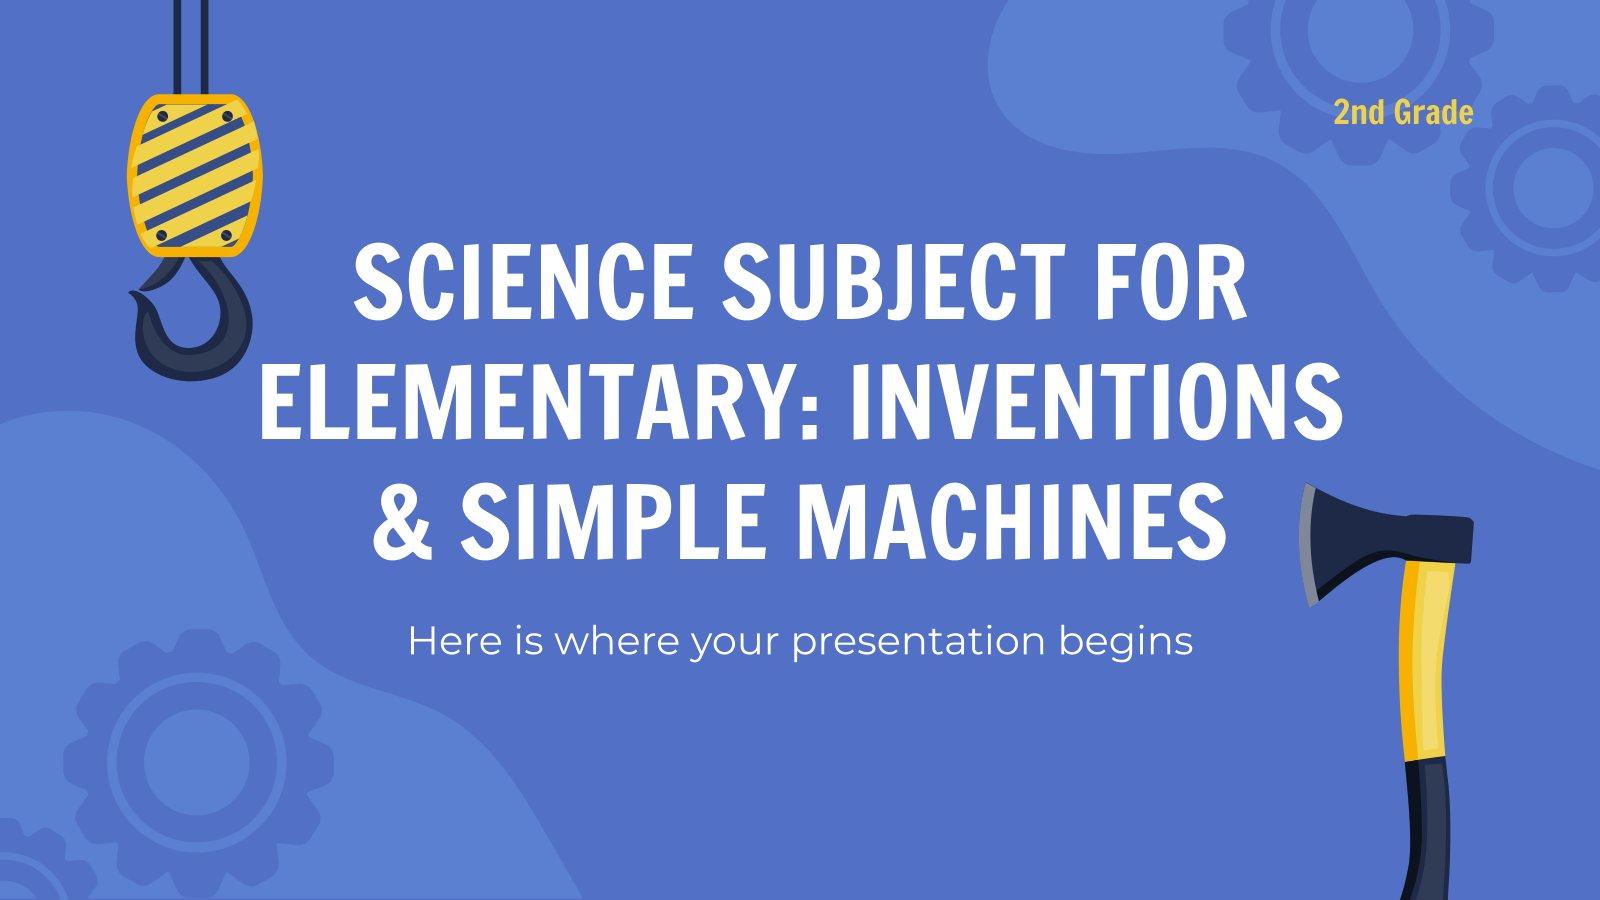 Wissenschaft für die 2. Klasse: Maschinen Präsentationsvorlage